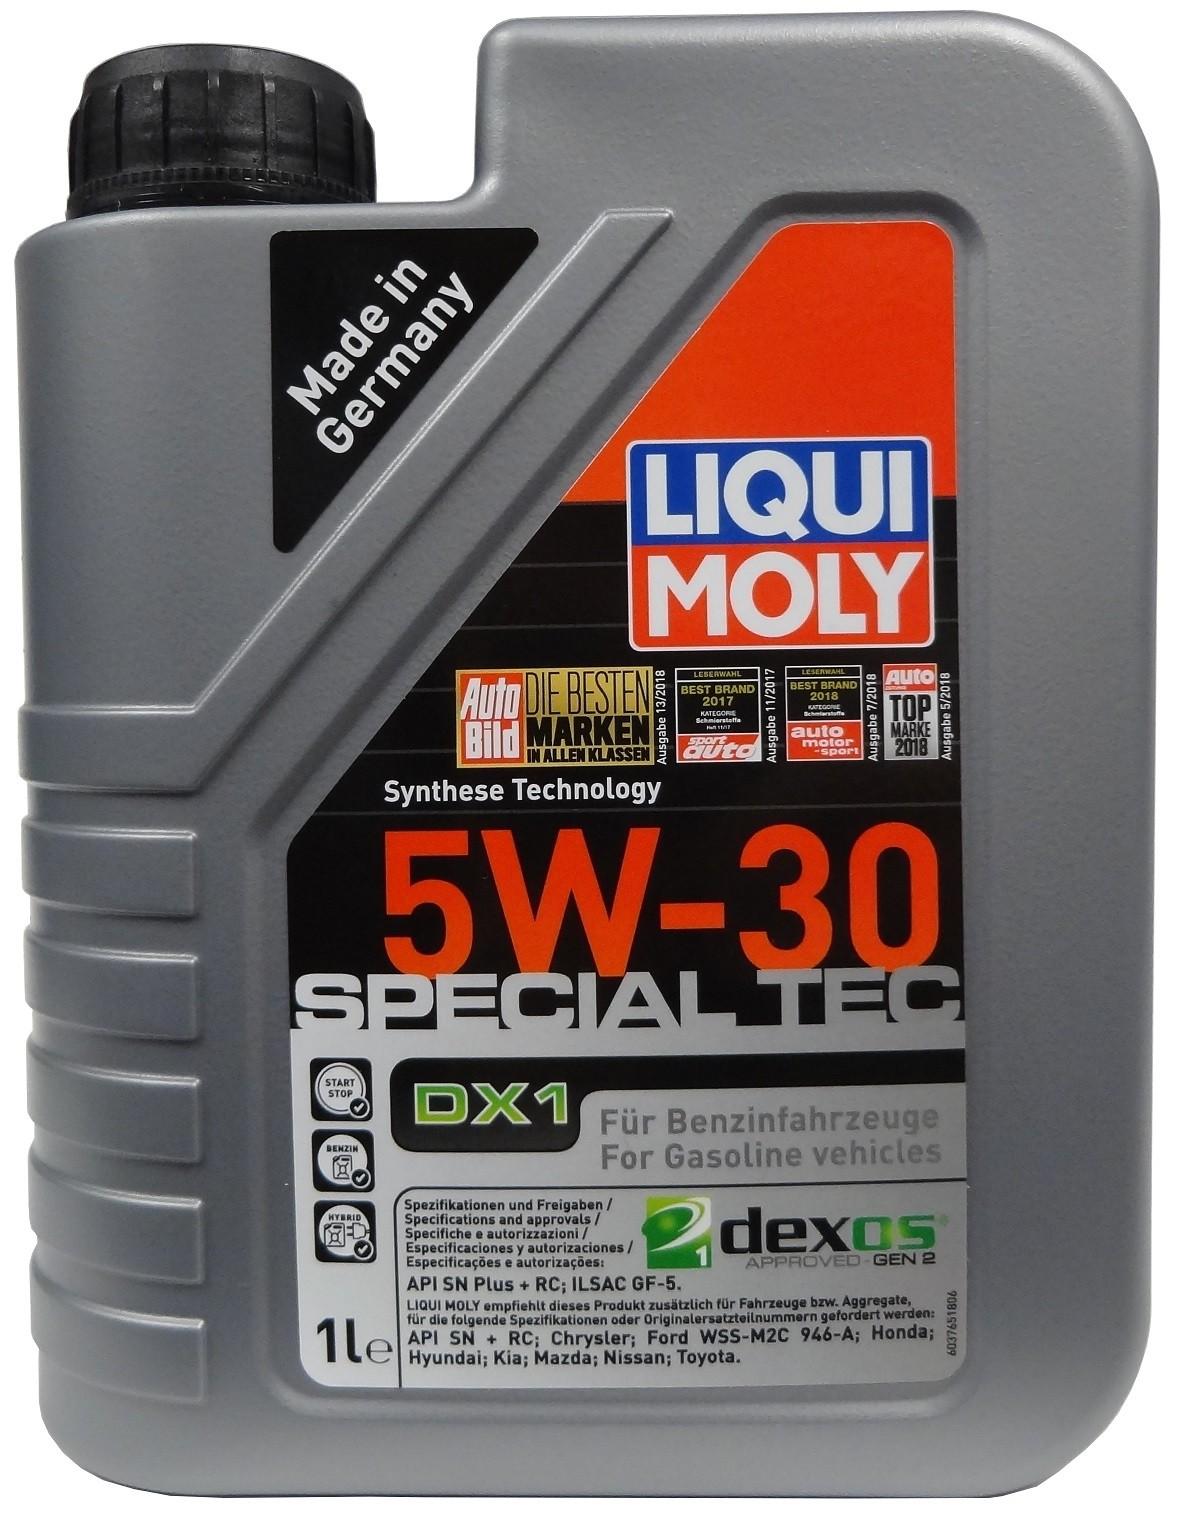 LIQUI MOLY SPECIAL TEC DX1 5W-30 1L